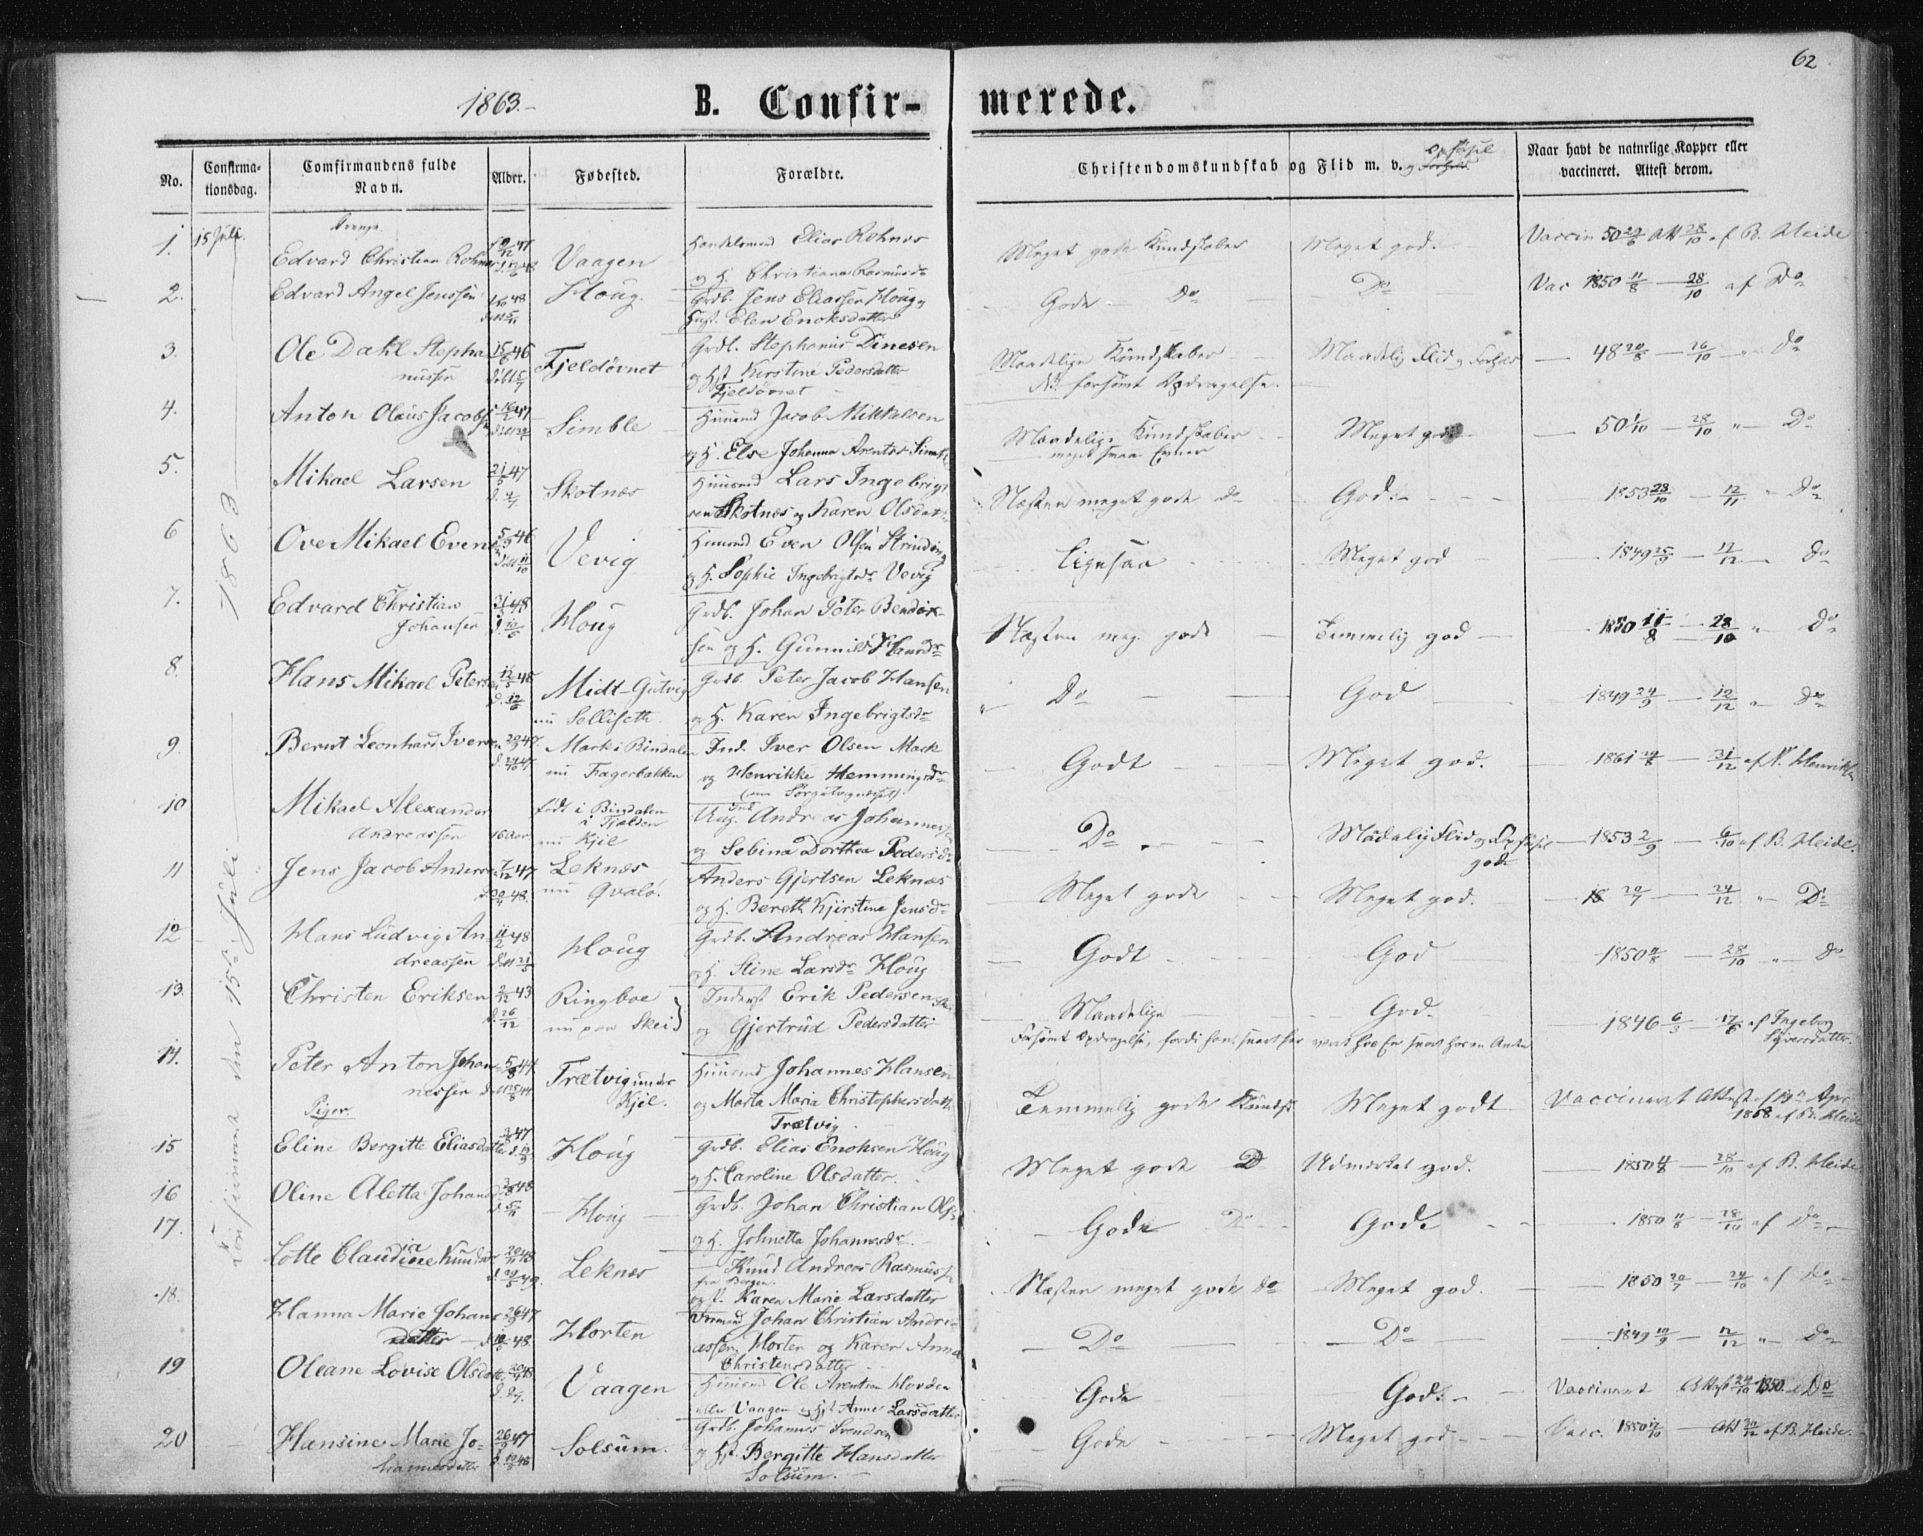 SAT, Ministerialprotokoller, klokkerbøker og fødselsregistre - Nord-Trøndelag, 788/L0696: Ministerialbok nr. 788A03, 1863-1877, s. 62